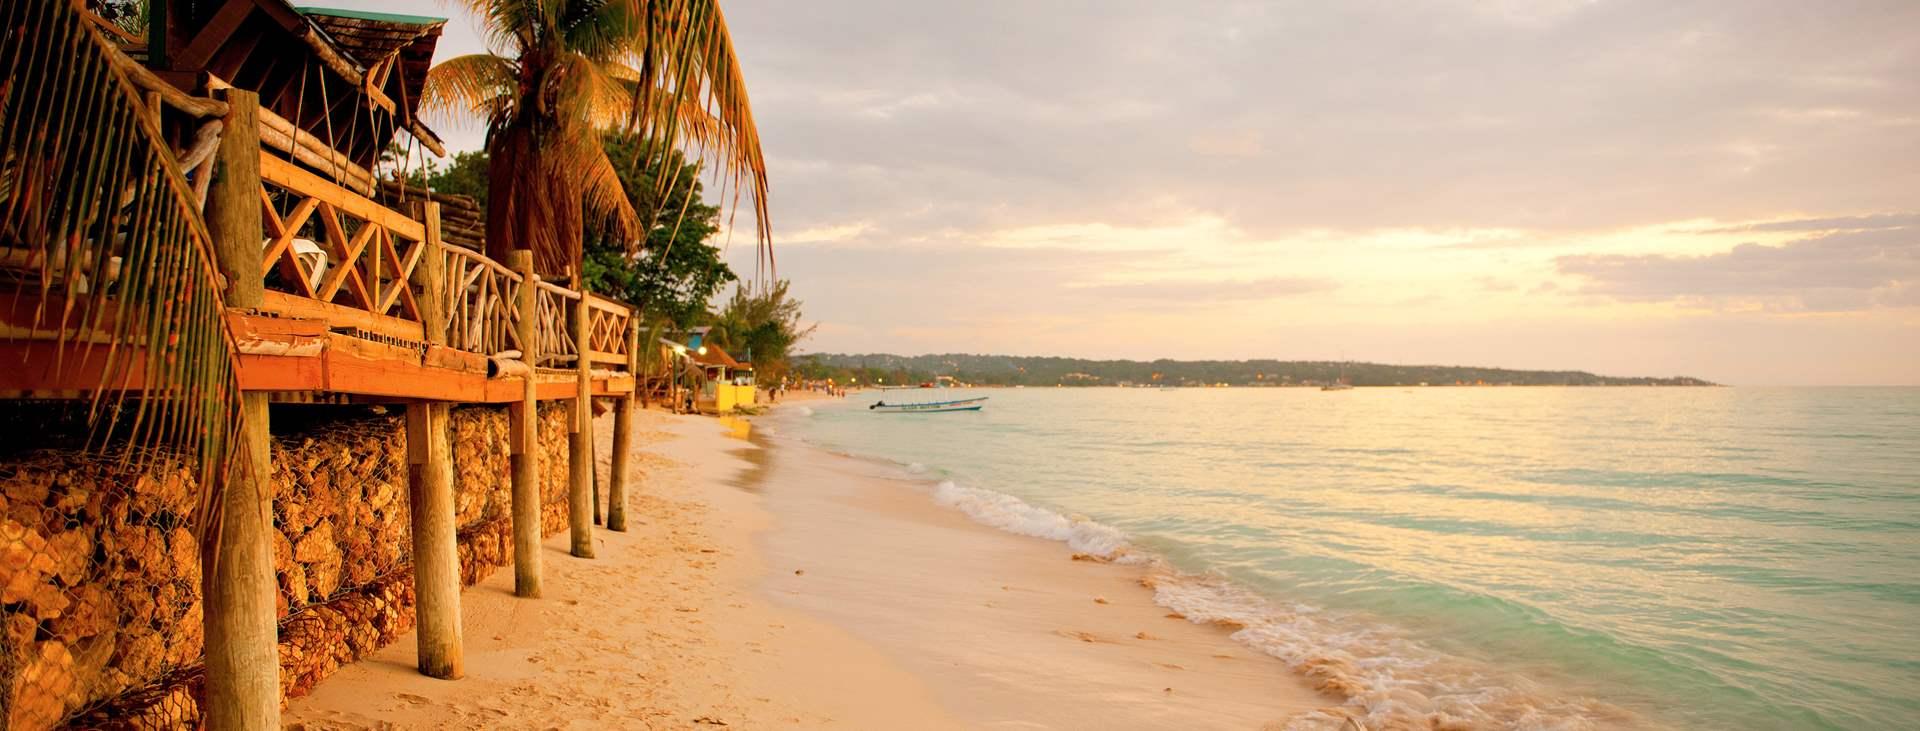 Bestill en all inclusive-reise til Negril på Jamaica